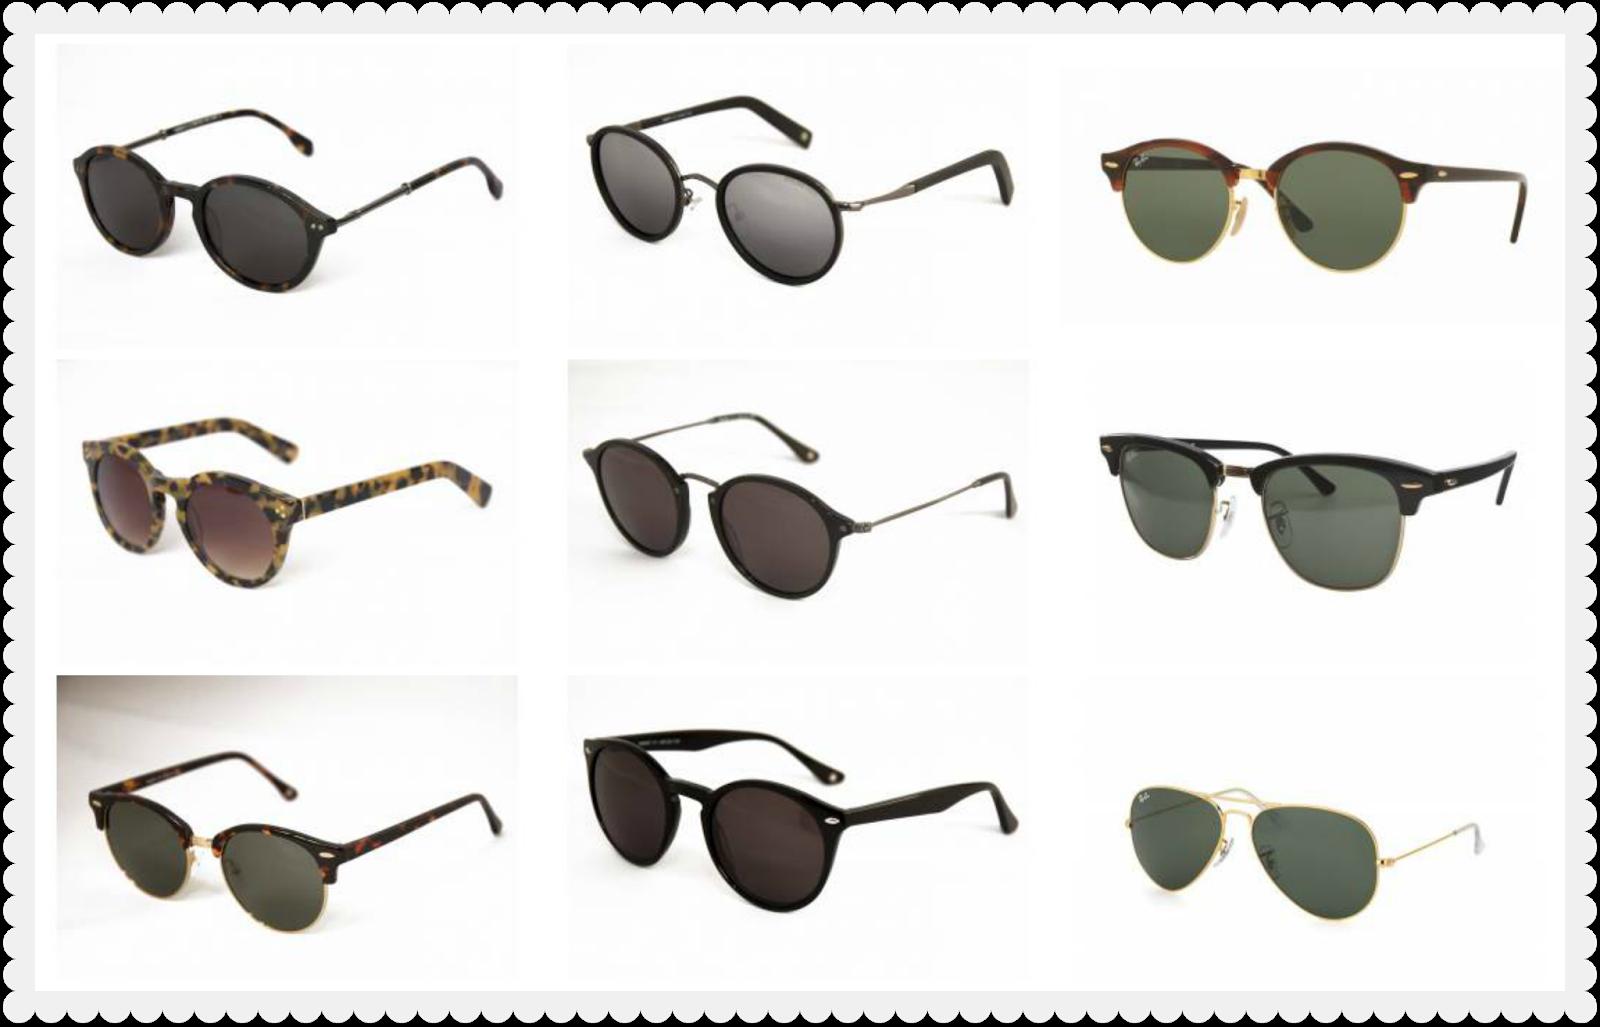 a423845188 Pero no hay nada como ver las gafas de sol en acción para crearte la imagen  de las tendencias y por eso os enseño los estilismos que más me han gustado  de ...